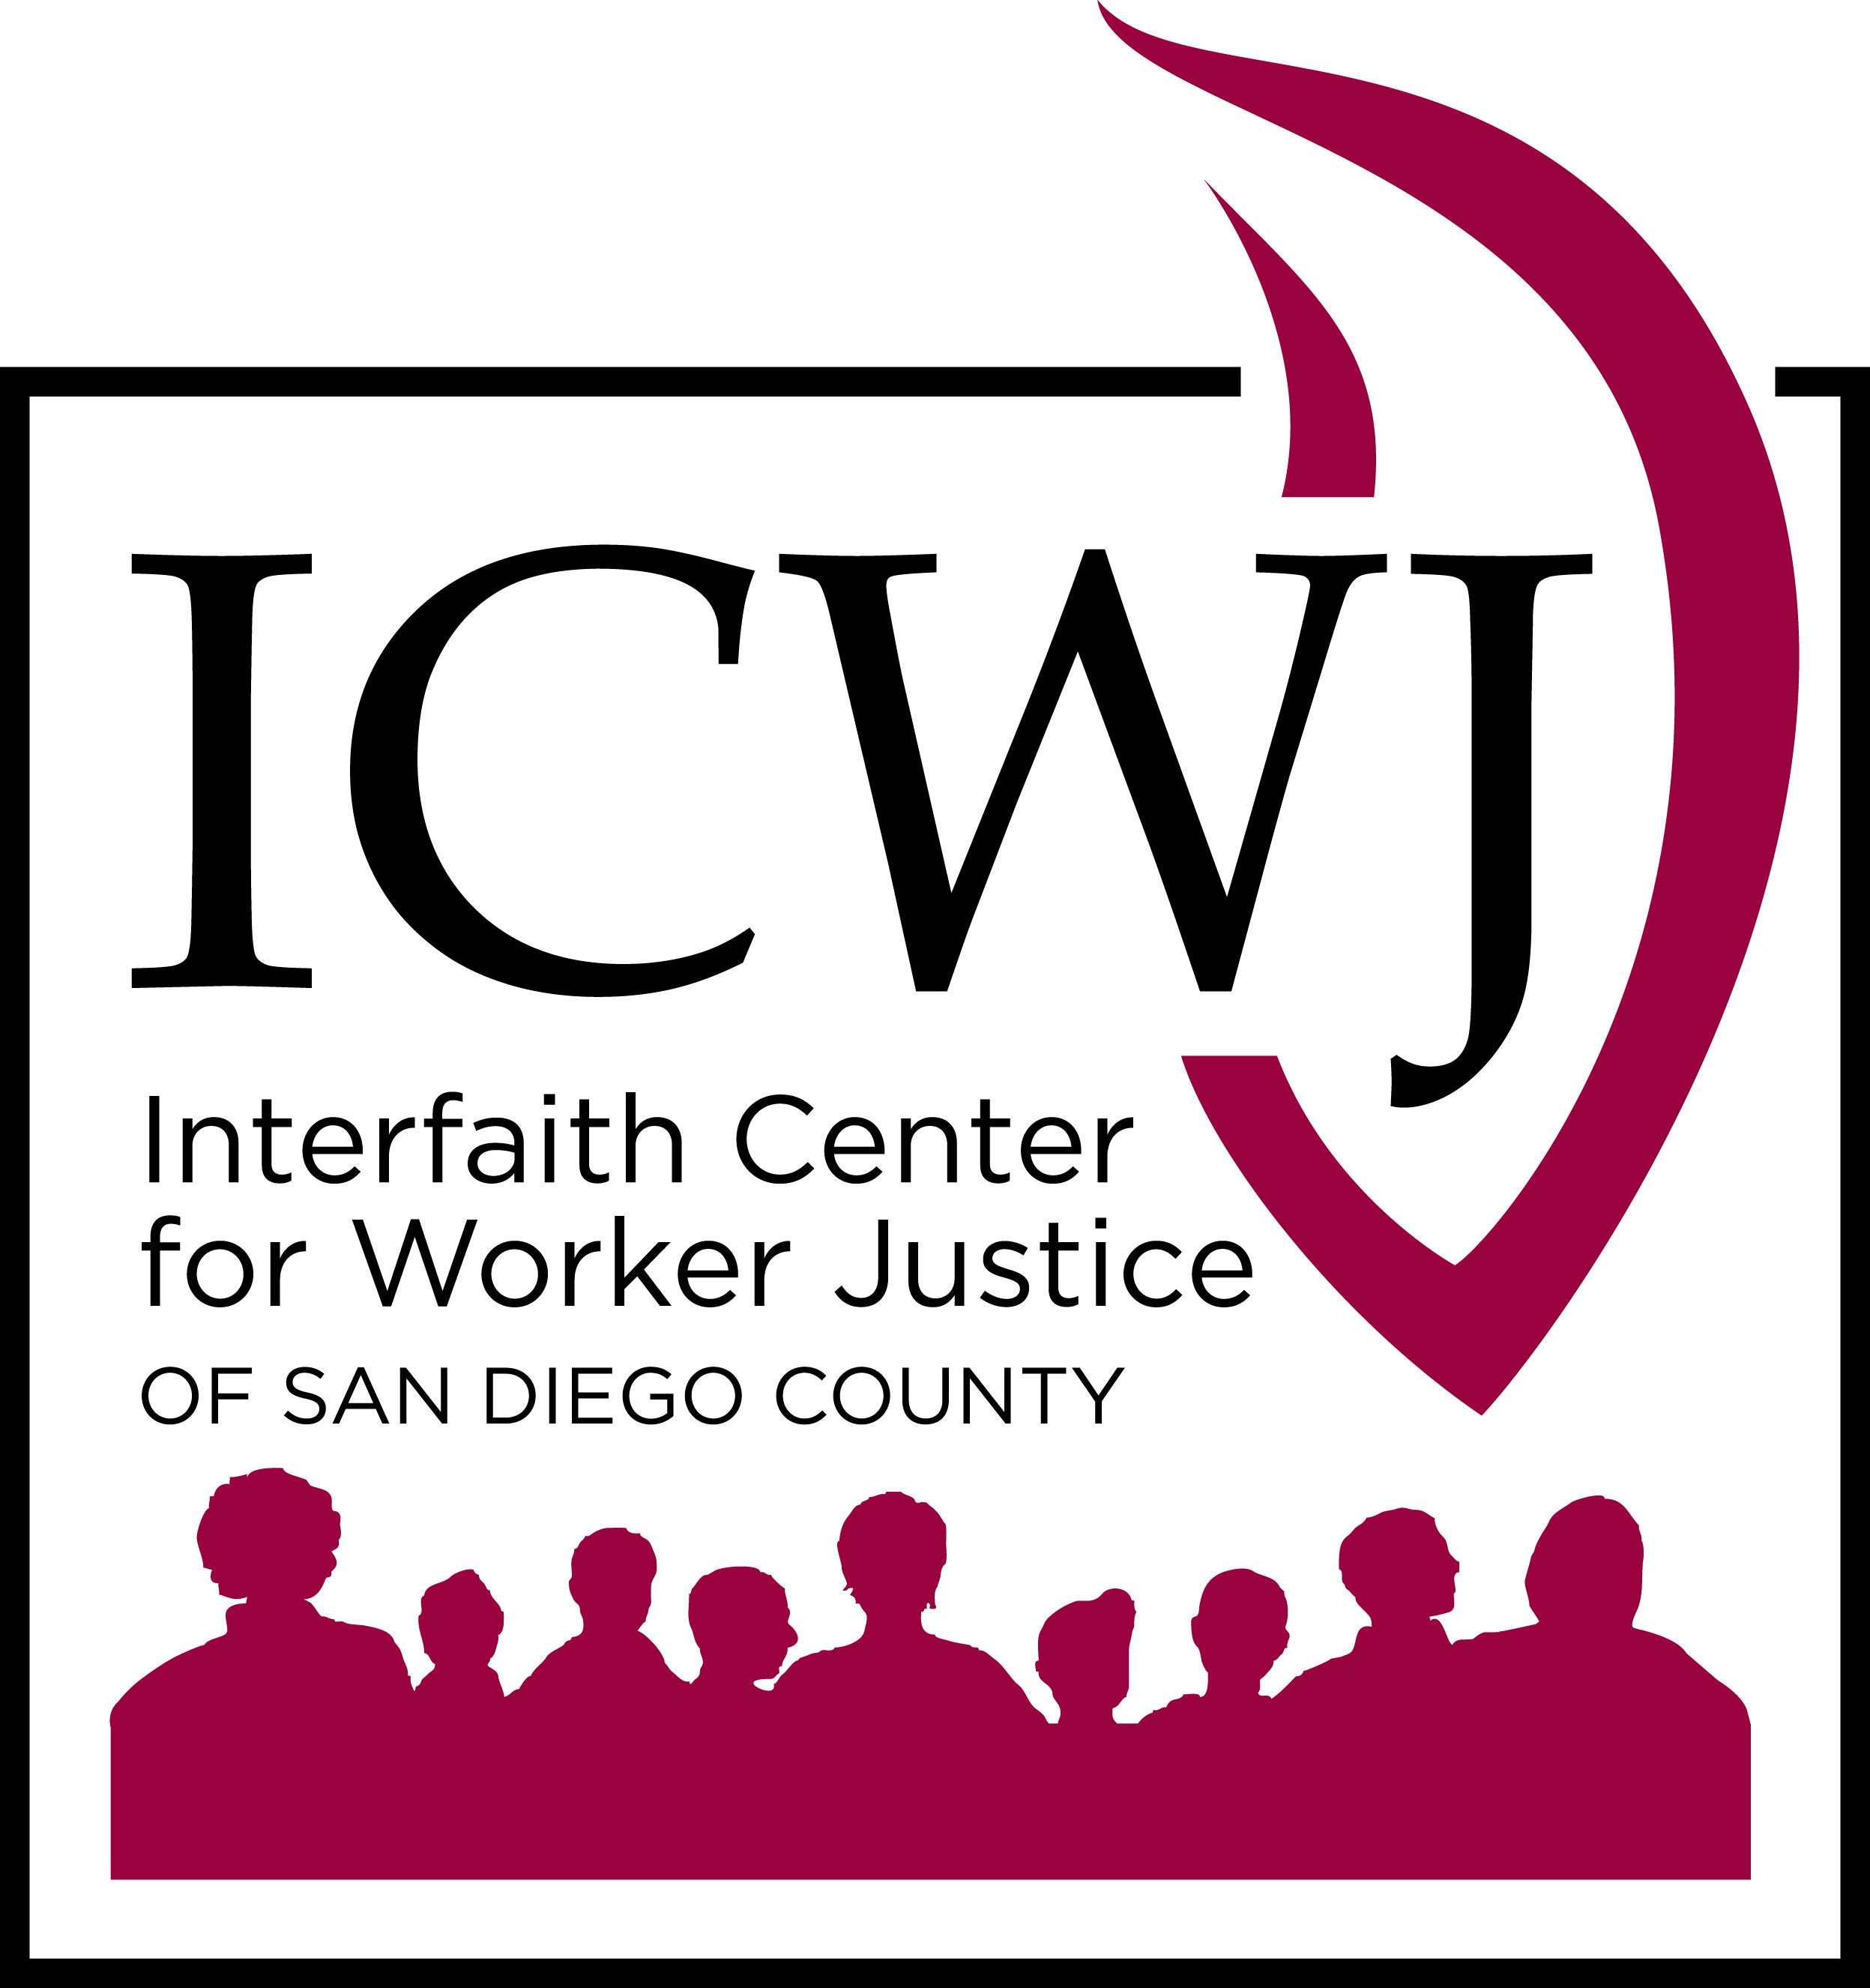 http://www.icwj.org/